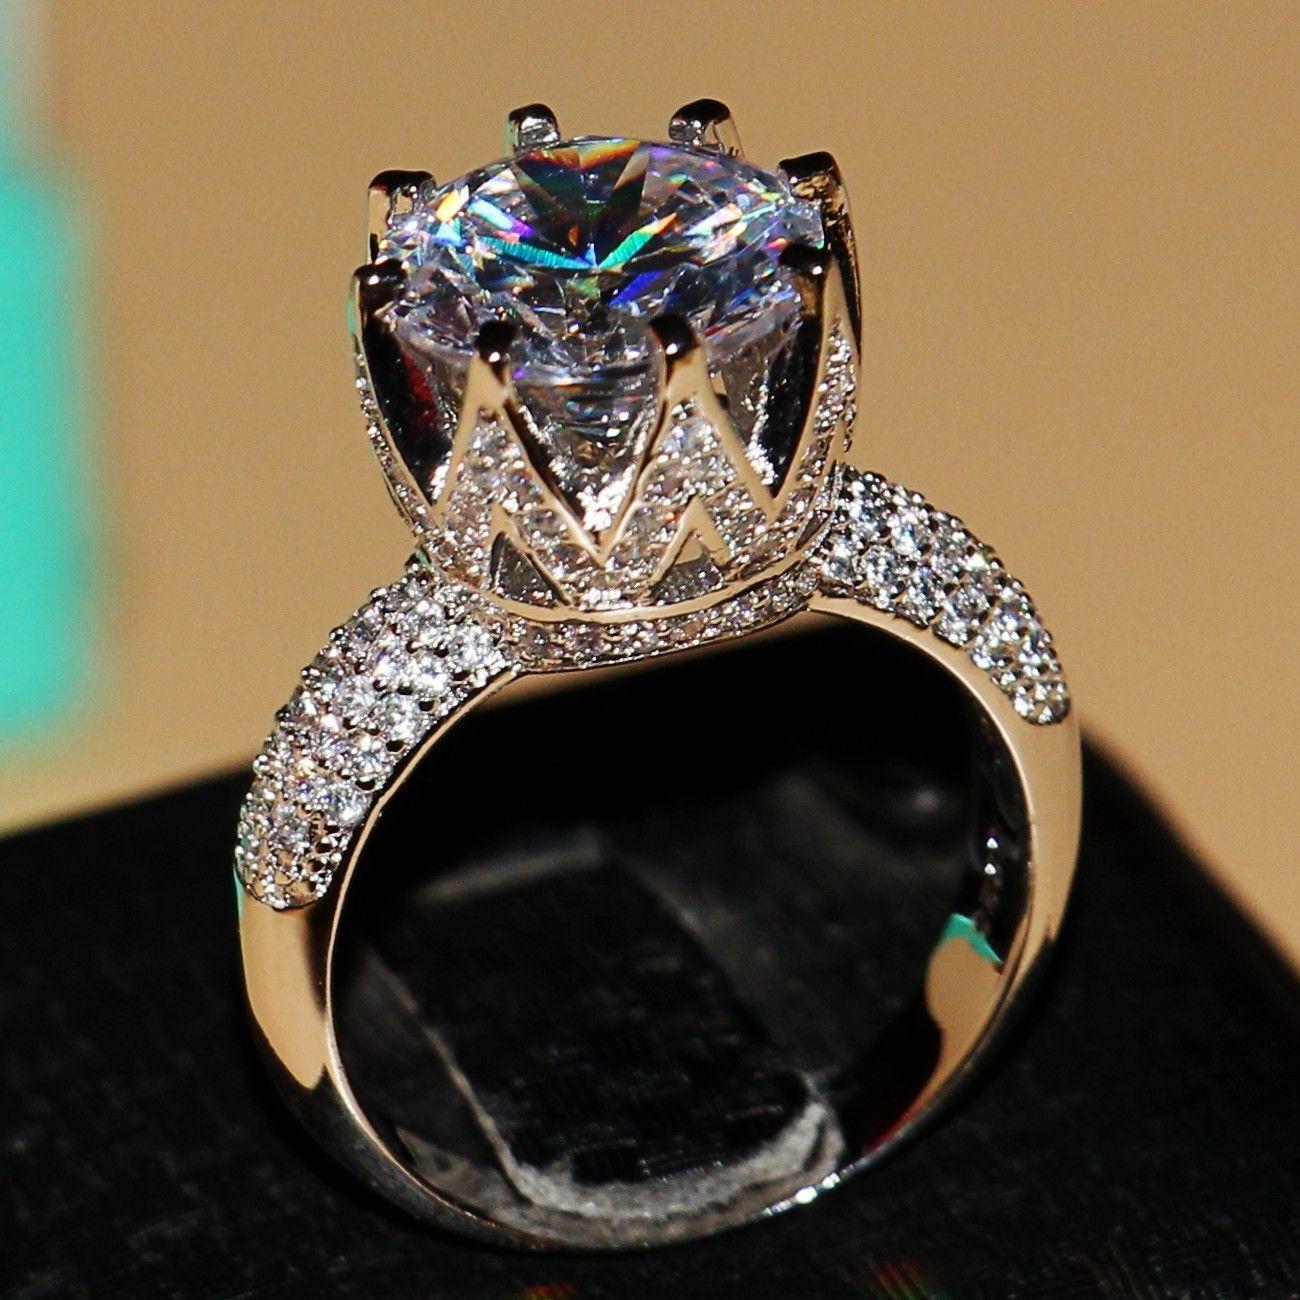 Victoria Wieck 8ct Big Stone Solitaire 925 Sterling Silber gefüllt Topaz Simulierter Diamant-Hochzeit Crown-Ringe für Frauen Größe 5/6/7/8/9/10